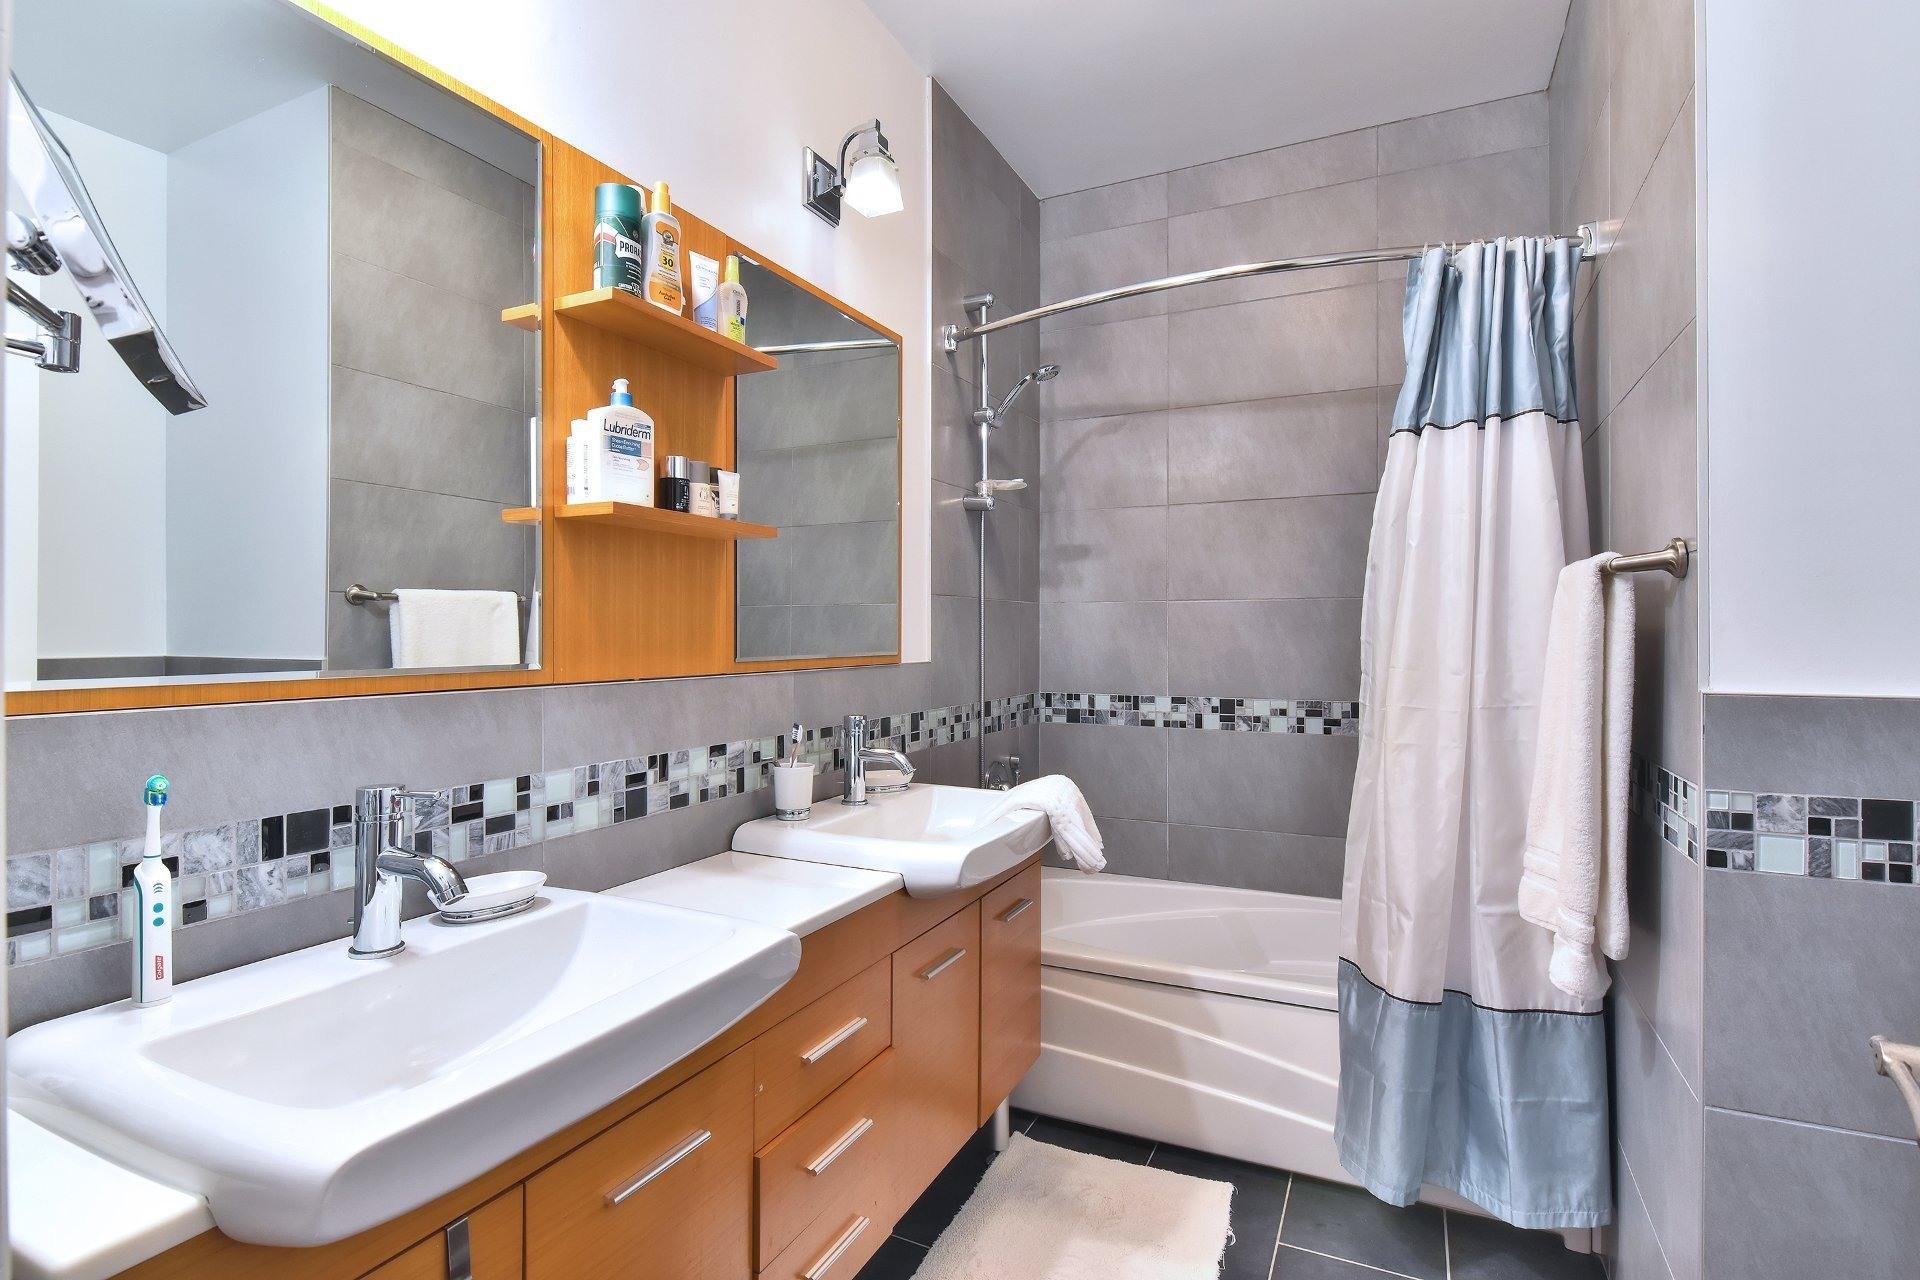 image 14 - Apartment For sale Côte-des-Neiges/Notre-Dame-de-Grâce Montréal  - 6 rooms